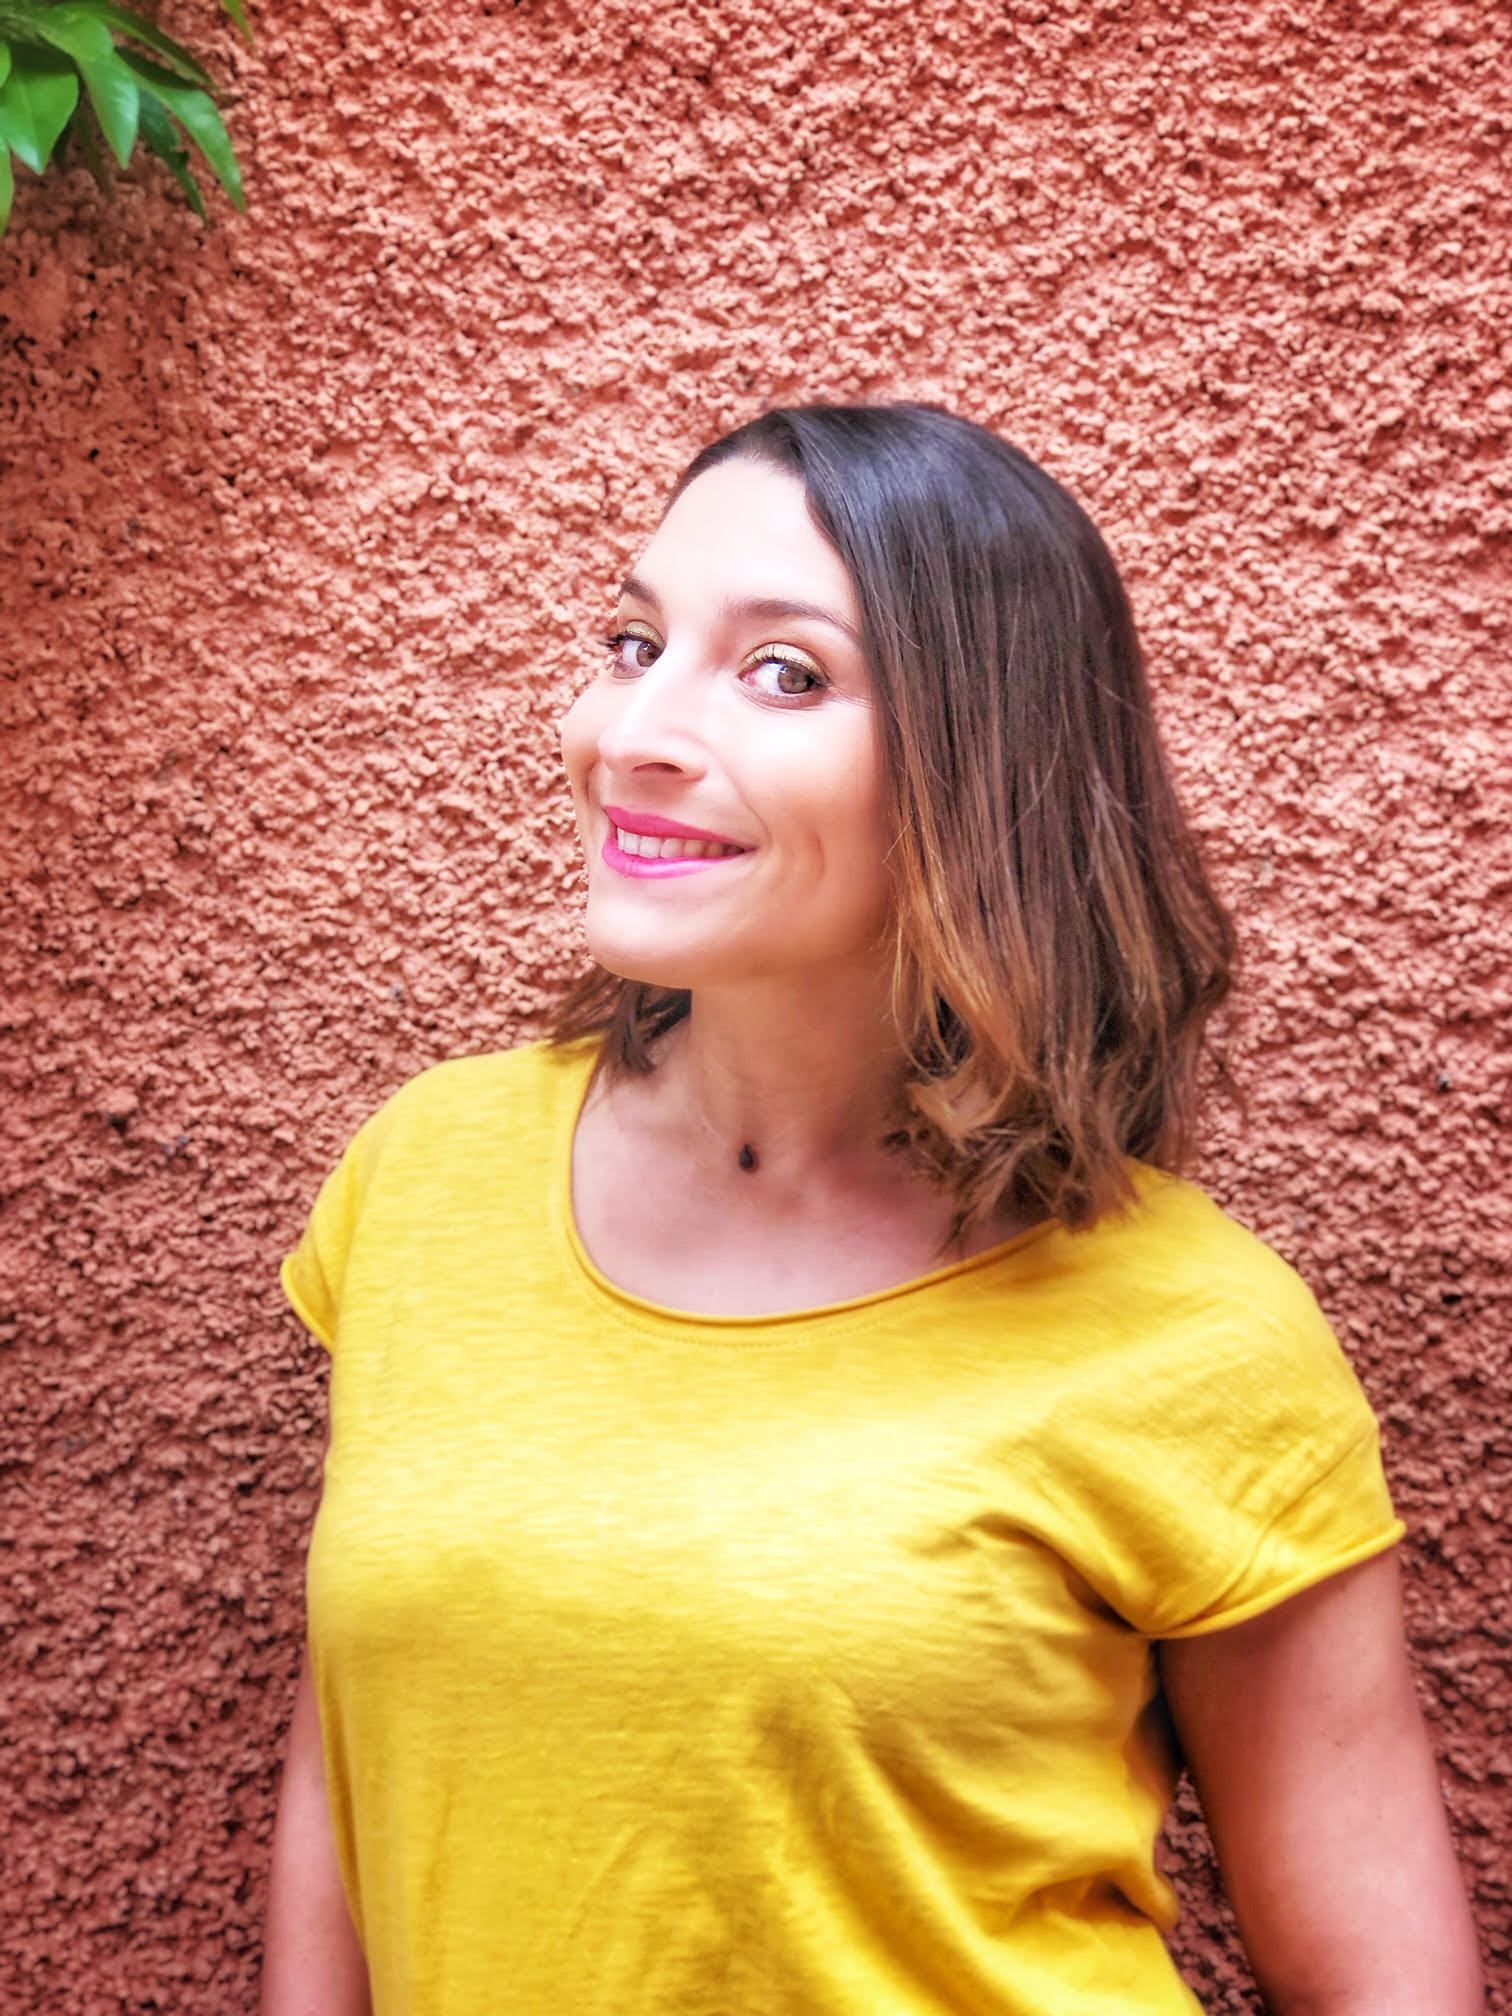 Zineb, la co-fondatrice de Souki, est l'entrepreneure de la vraie vie invitée pour cet épisode 47 de La Vraie Dose